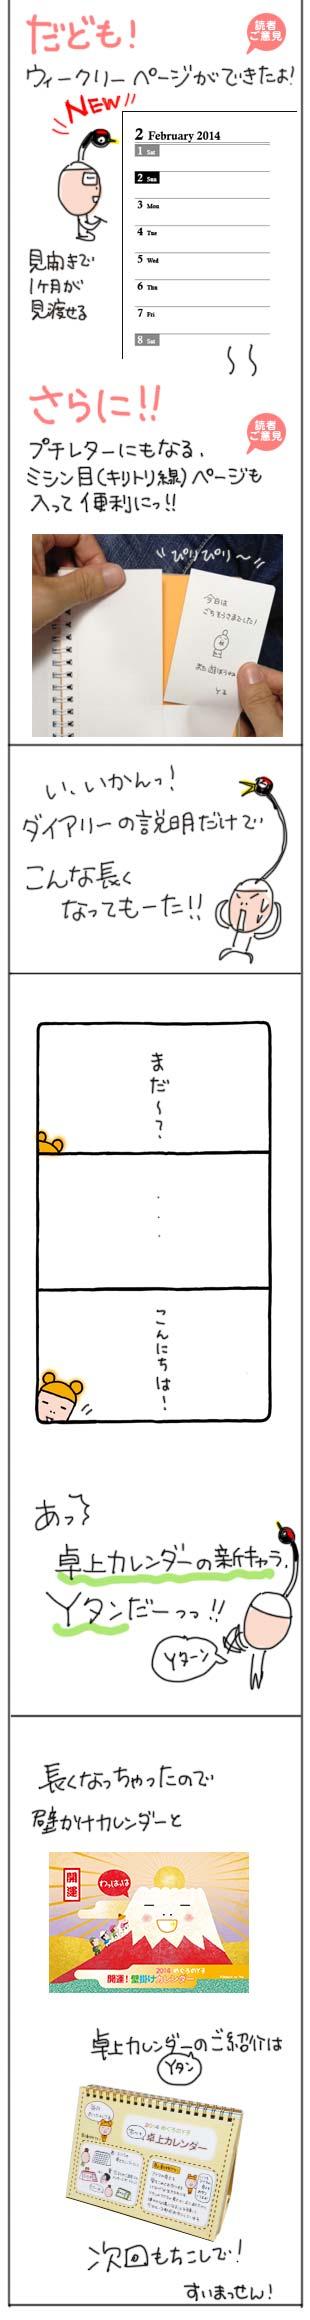 2012-4.jpg